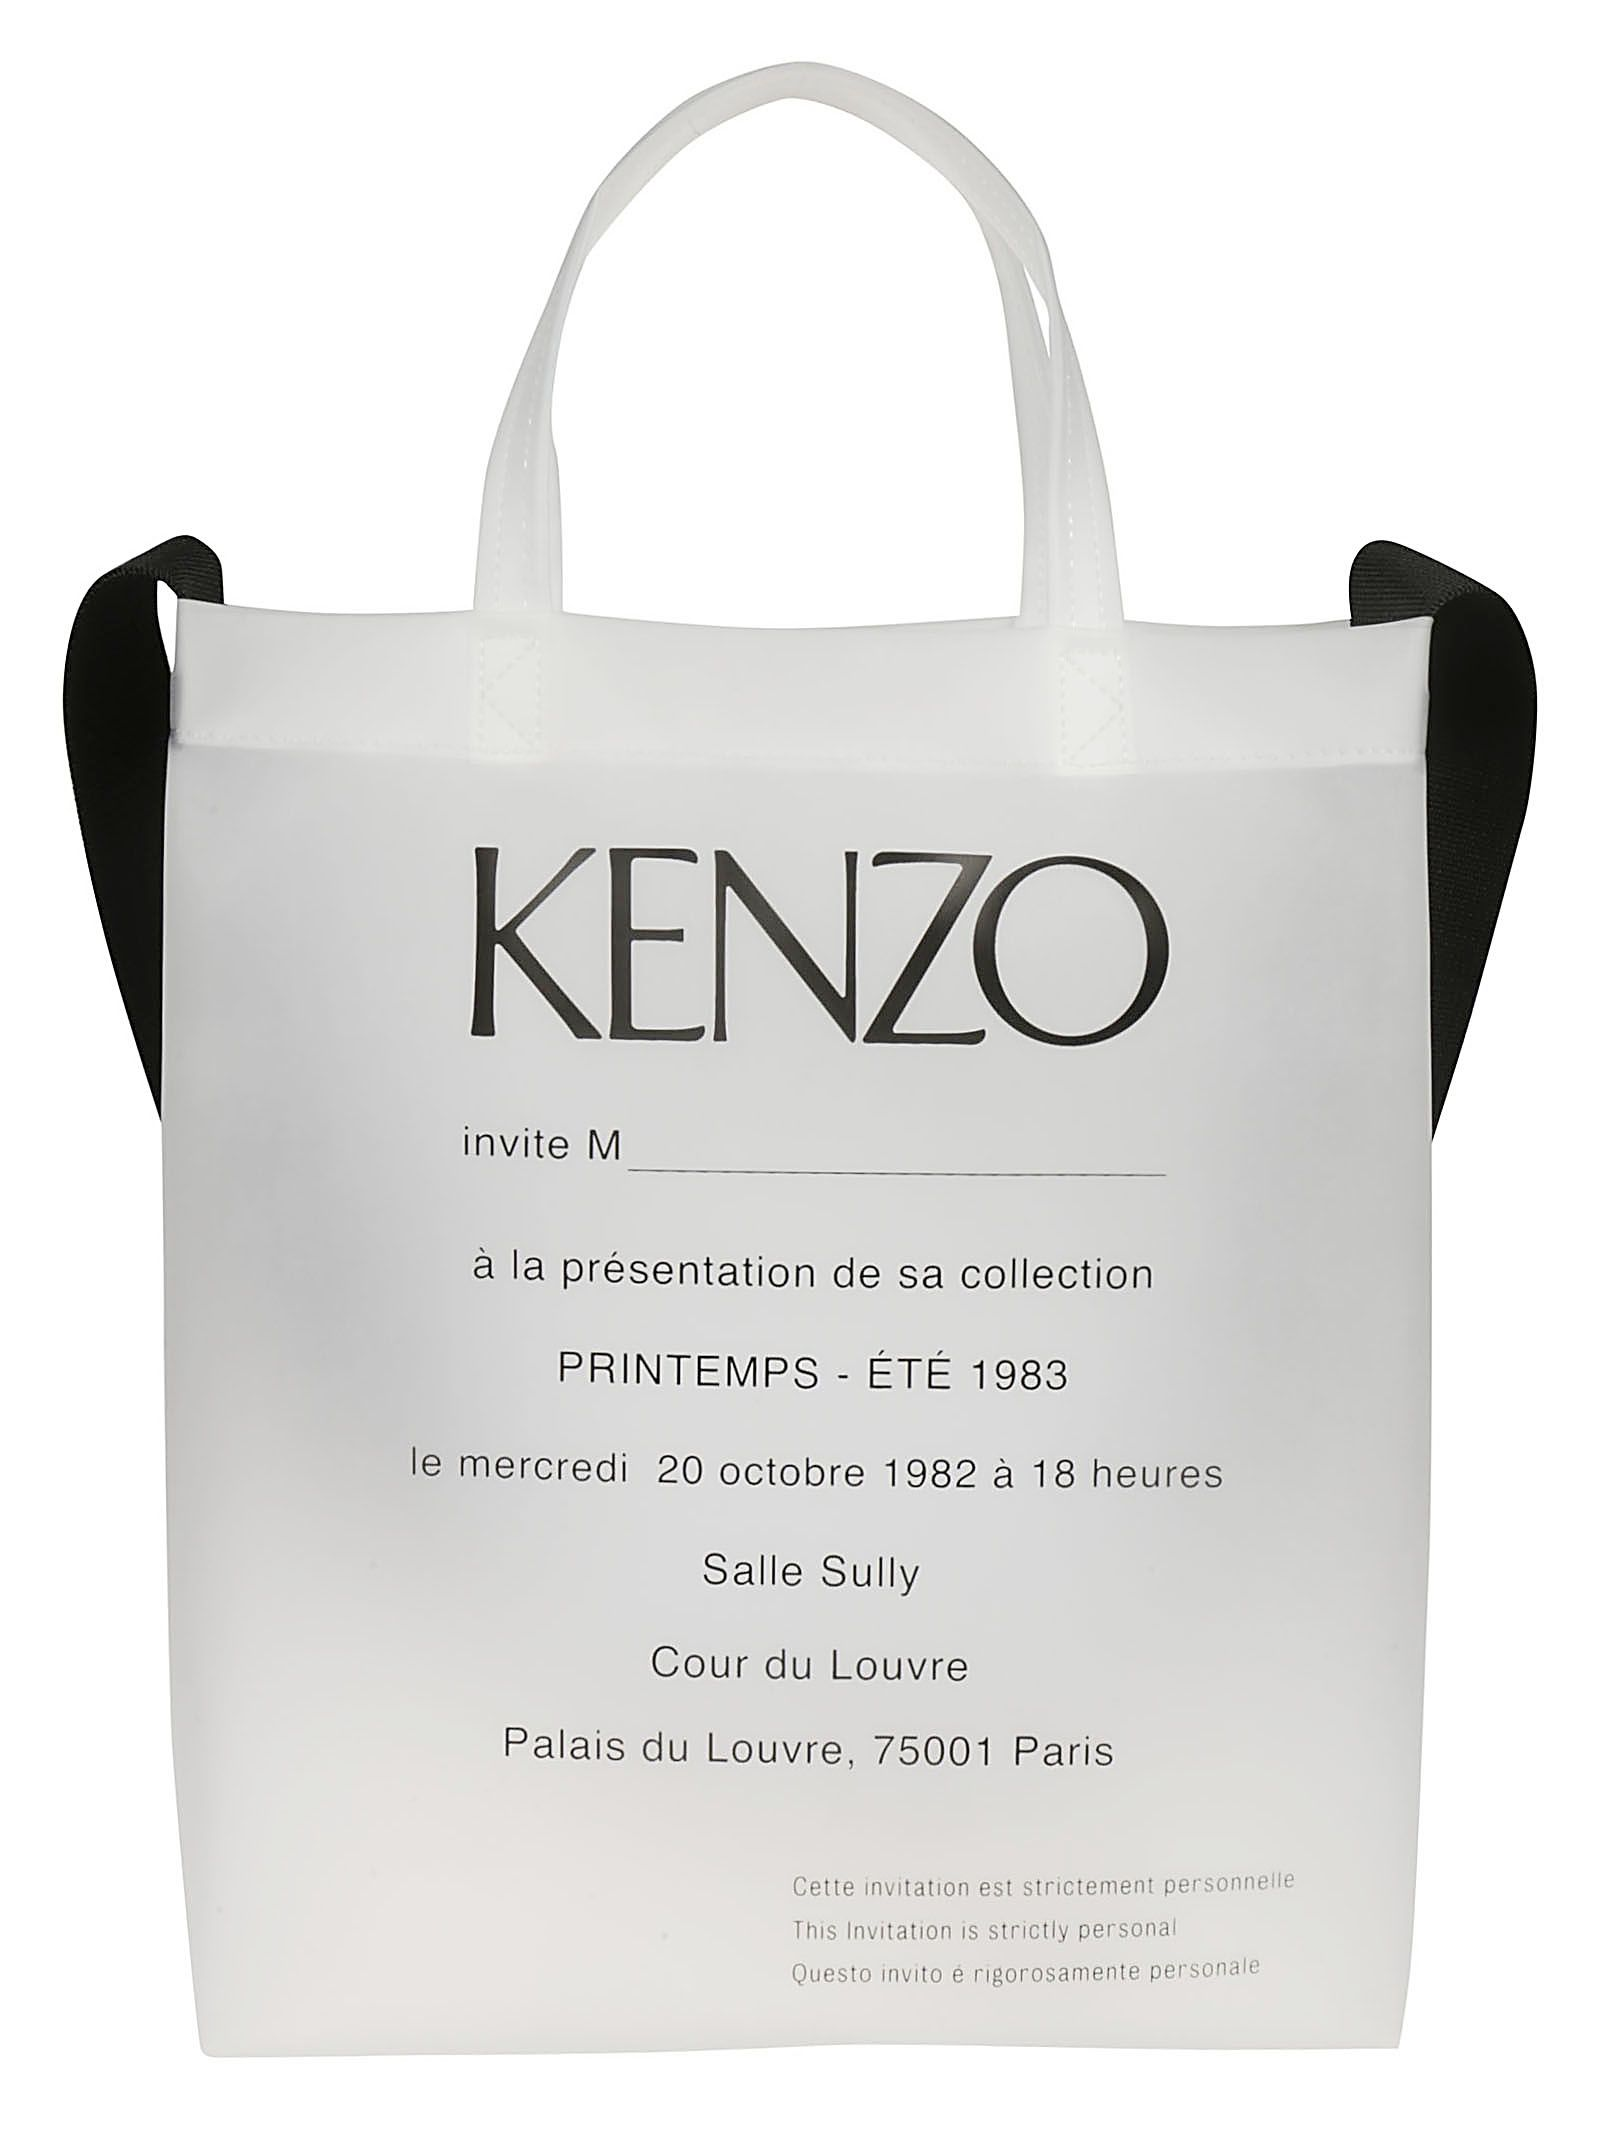 eb3afc2aa9 Kenzo Kenzo Printed Shopper Bag - White - 10848455 | italist